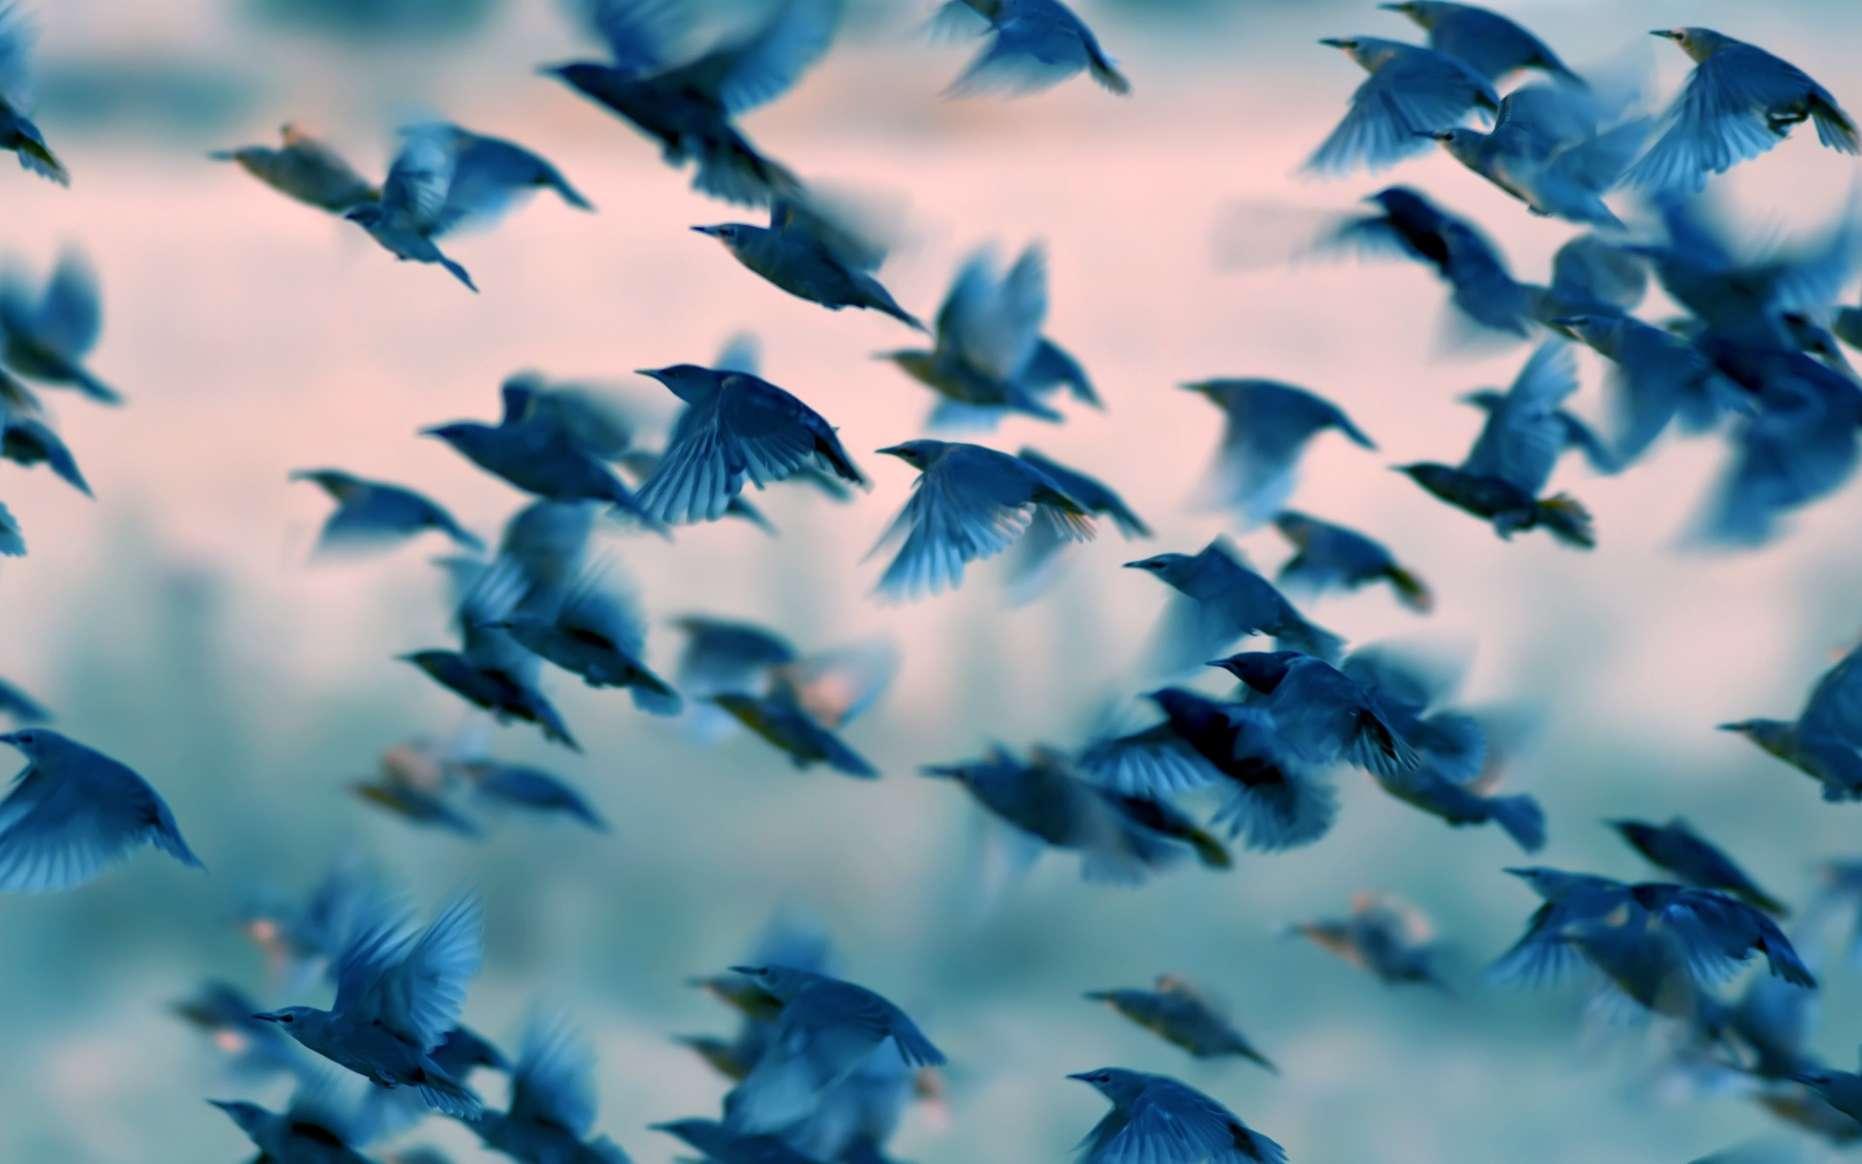 Il y aurait 50 millards d'oiseaux sur la planète. © SerkanMutan, Adobe Stock